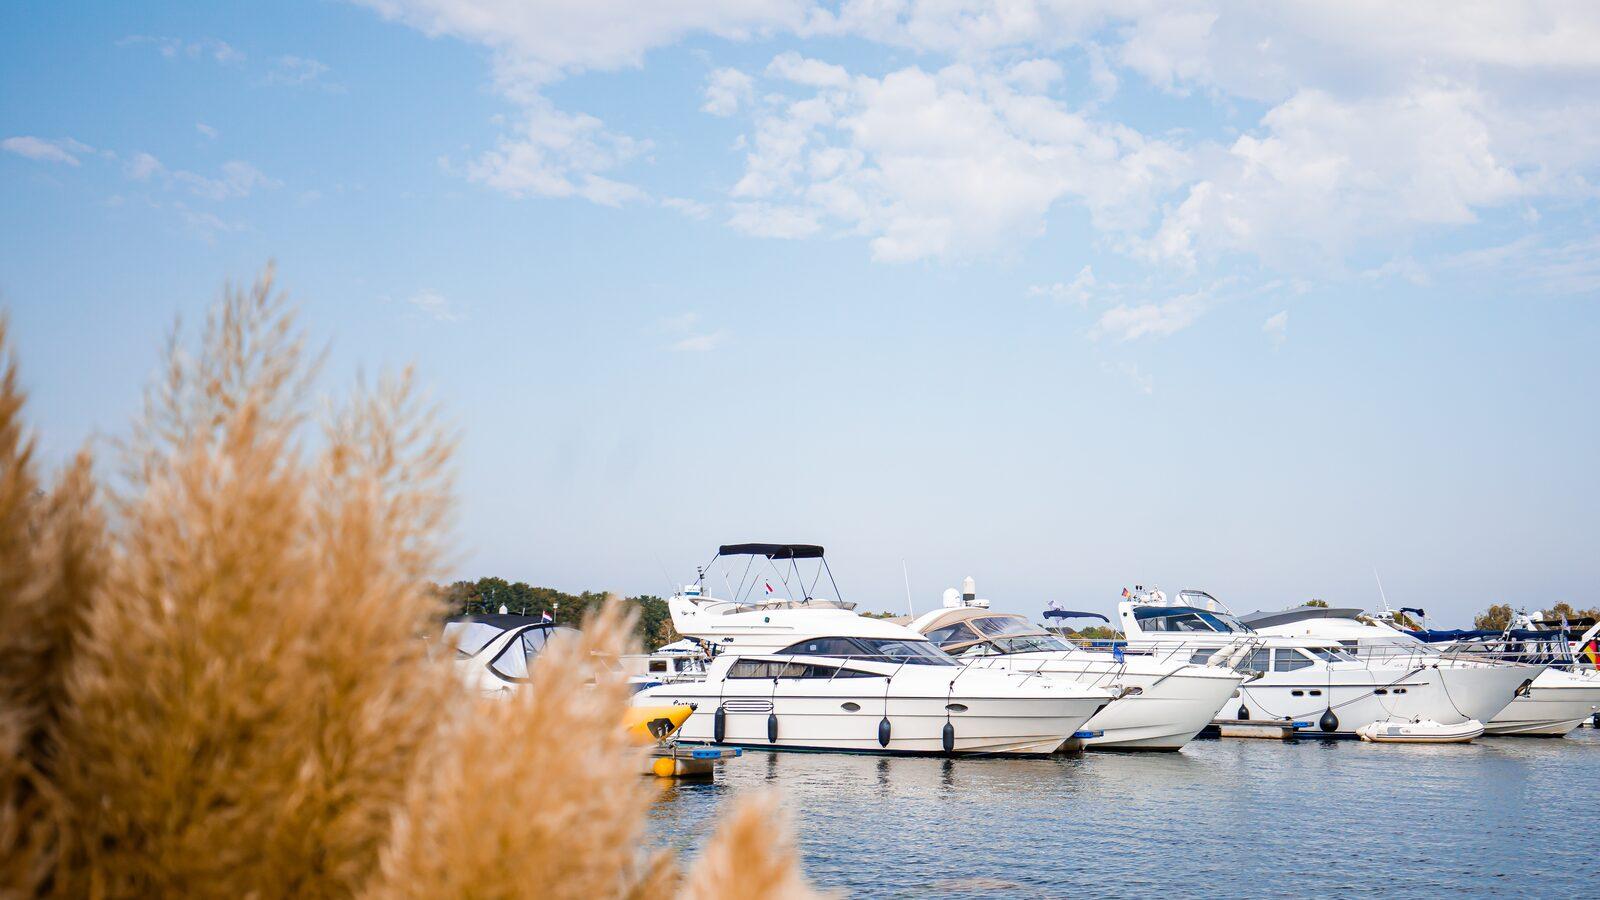 Campingplatz mit Yachthafen